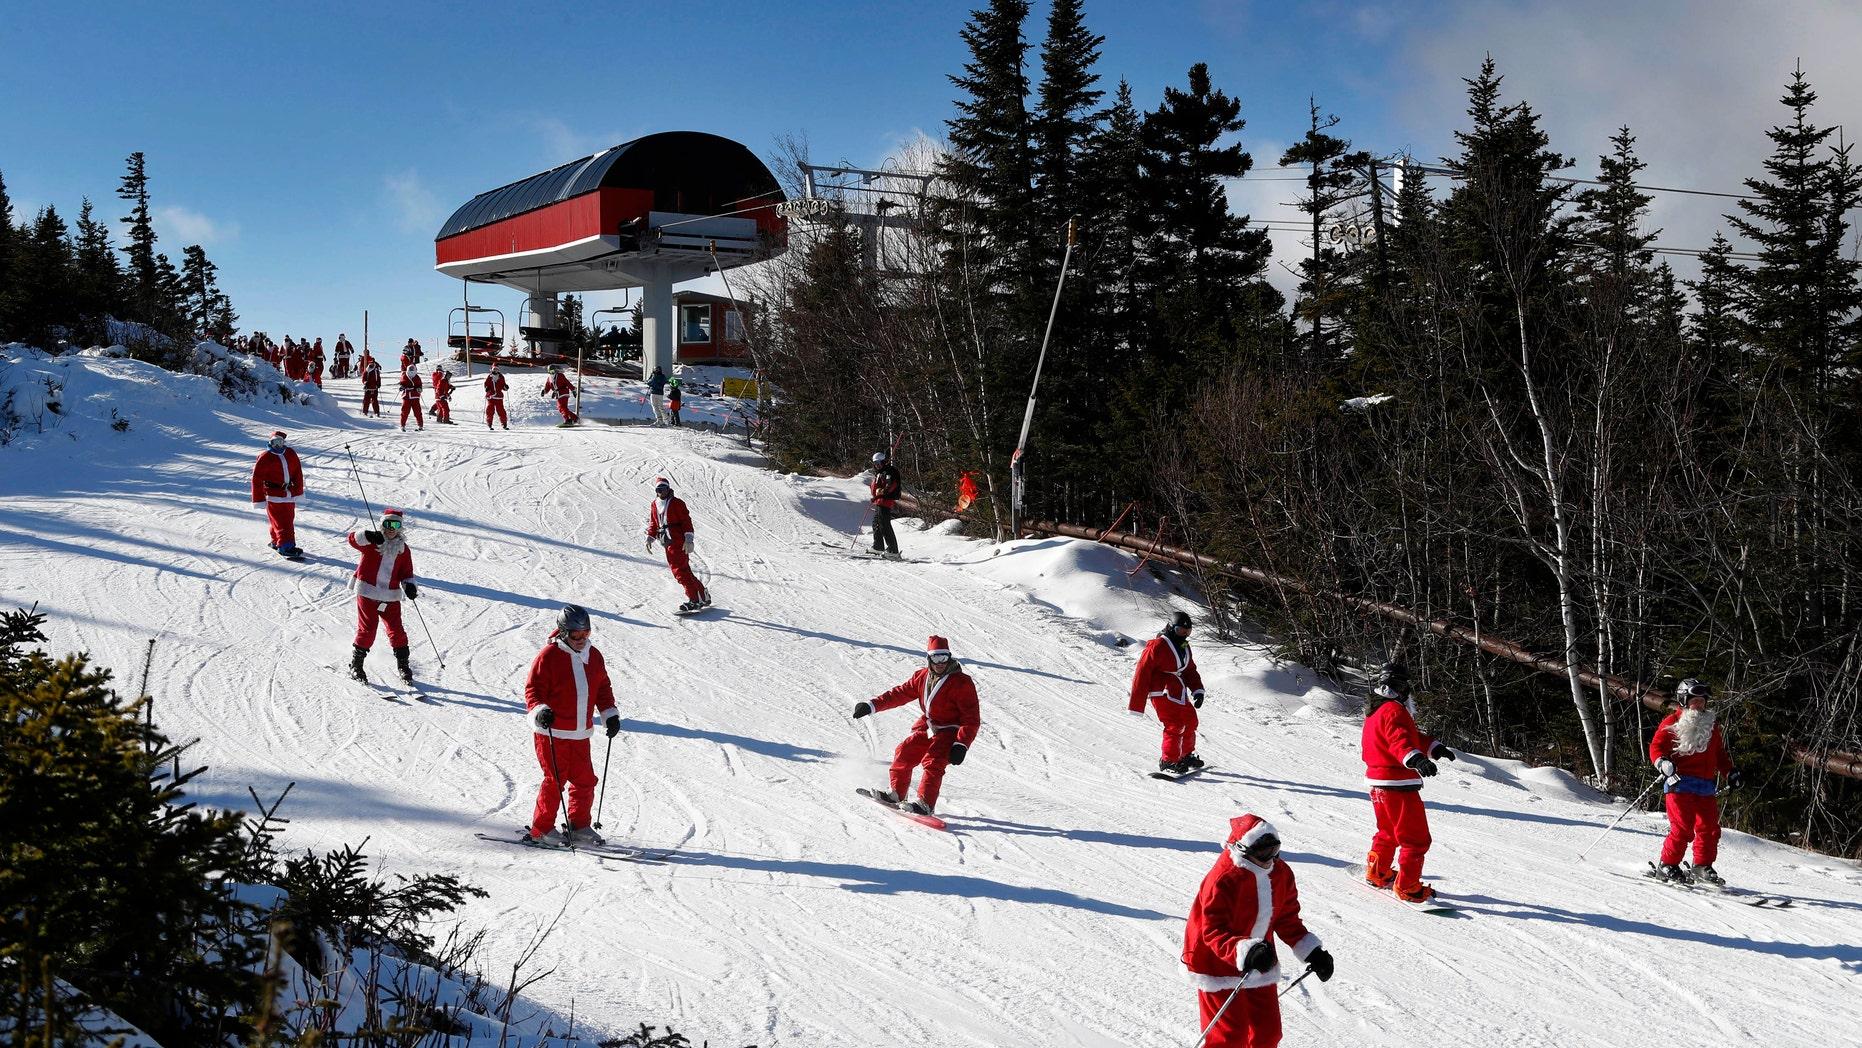 Skiers dressed as Santa Claus ski en masse in Maine.